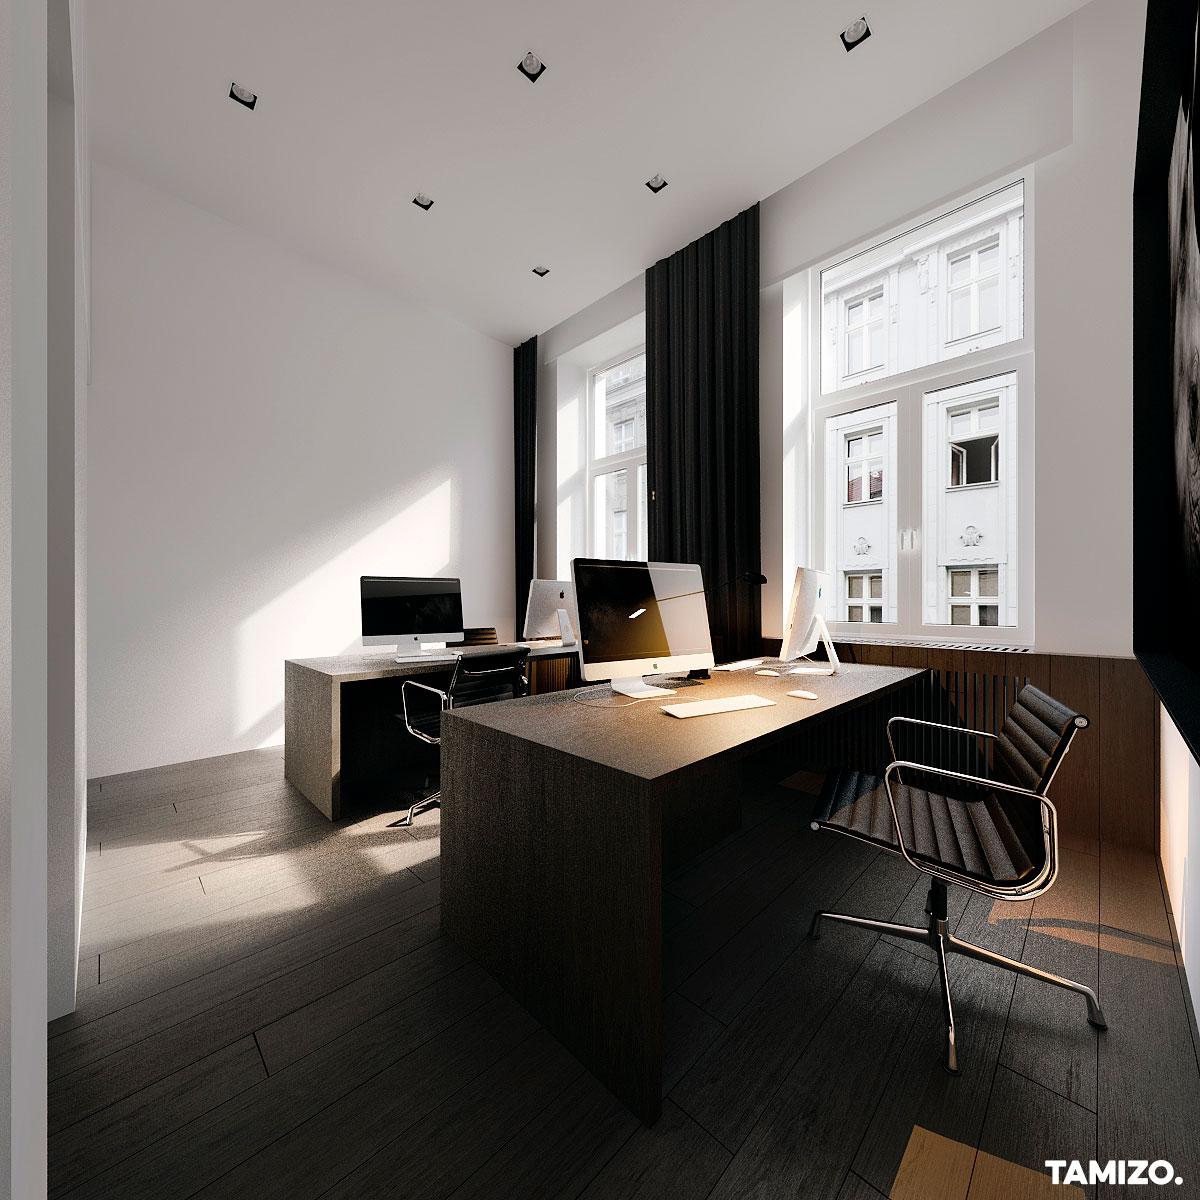 I060_tamizo_architekci_projekt_wnetrz_stara_kamienica_kancelaria_adwokacka_minimalizm_lodz_06